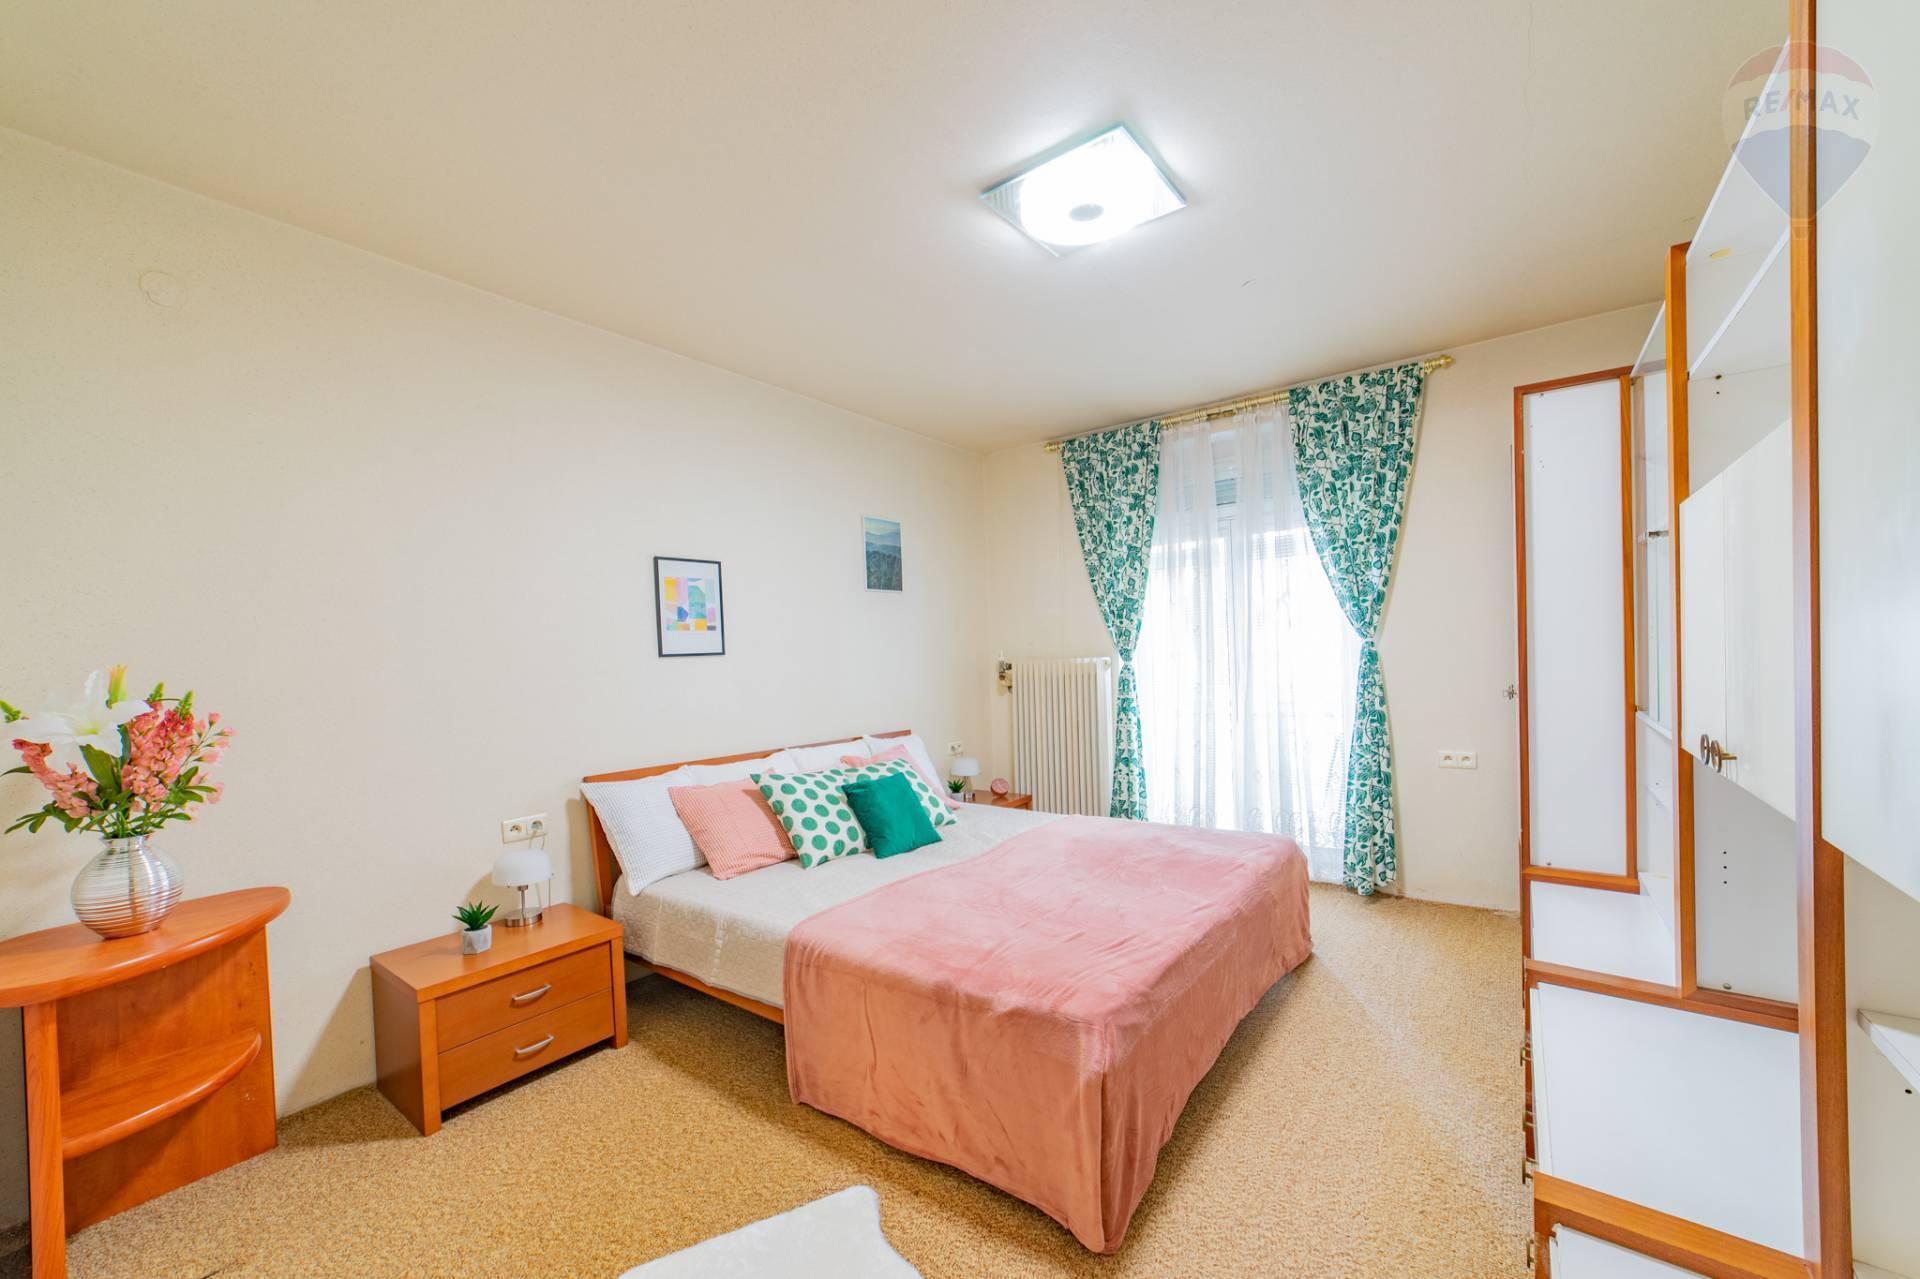 PREDAJ>>>3 izbový byt s parkovaním - Staré Mesto - Fraňa Krála